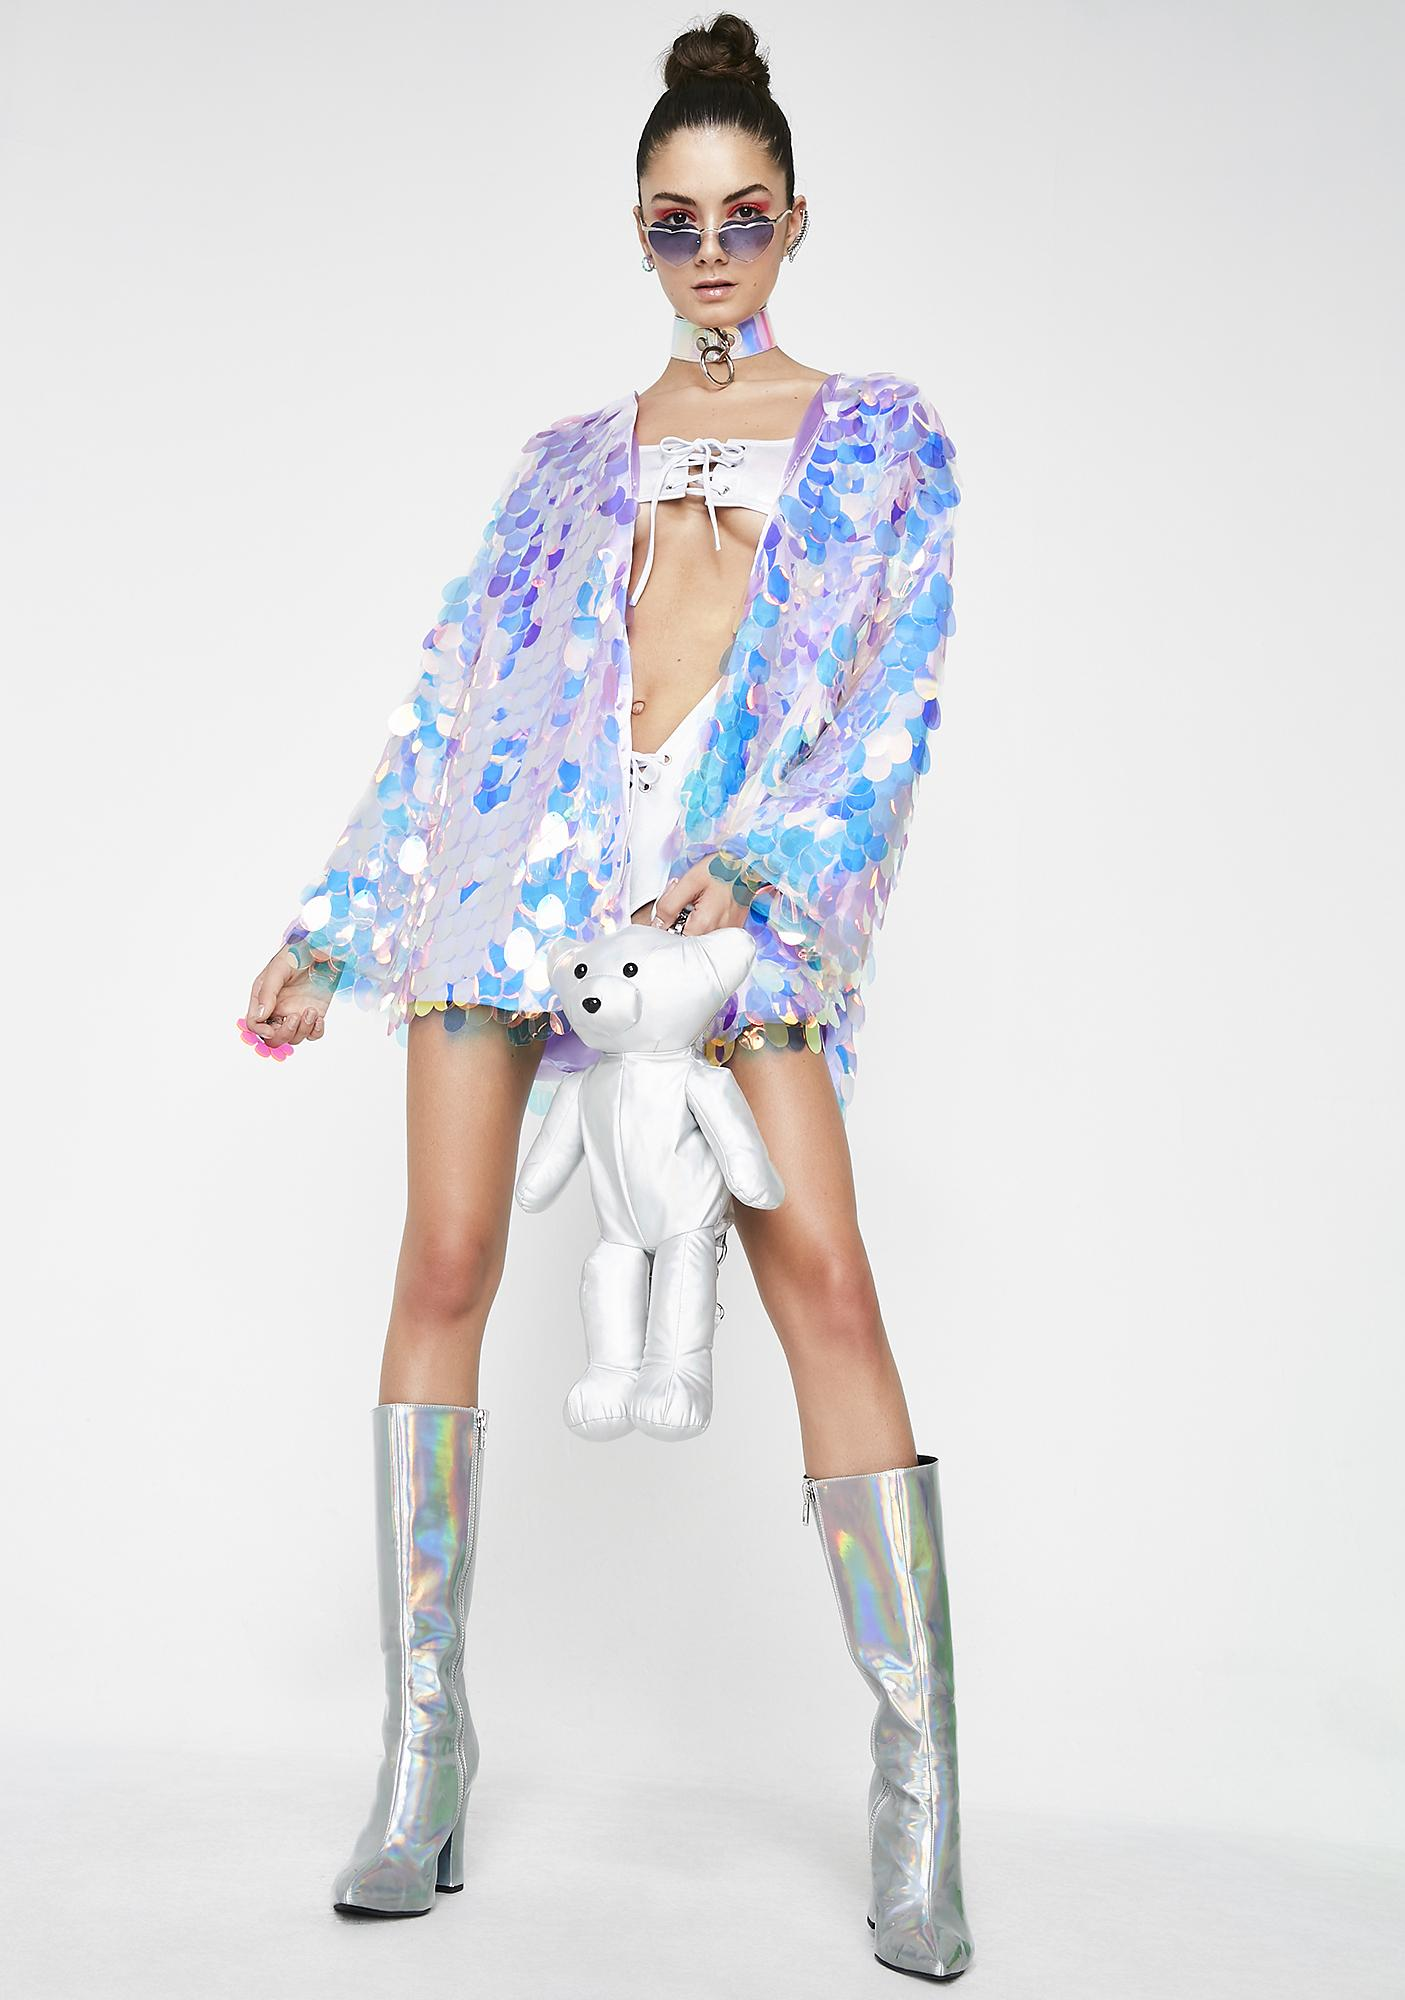 B Glittz Eggshell Iridescent Kimono